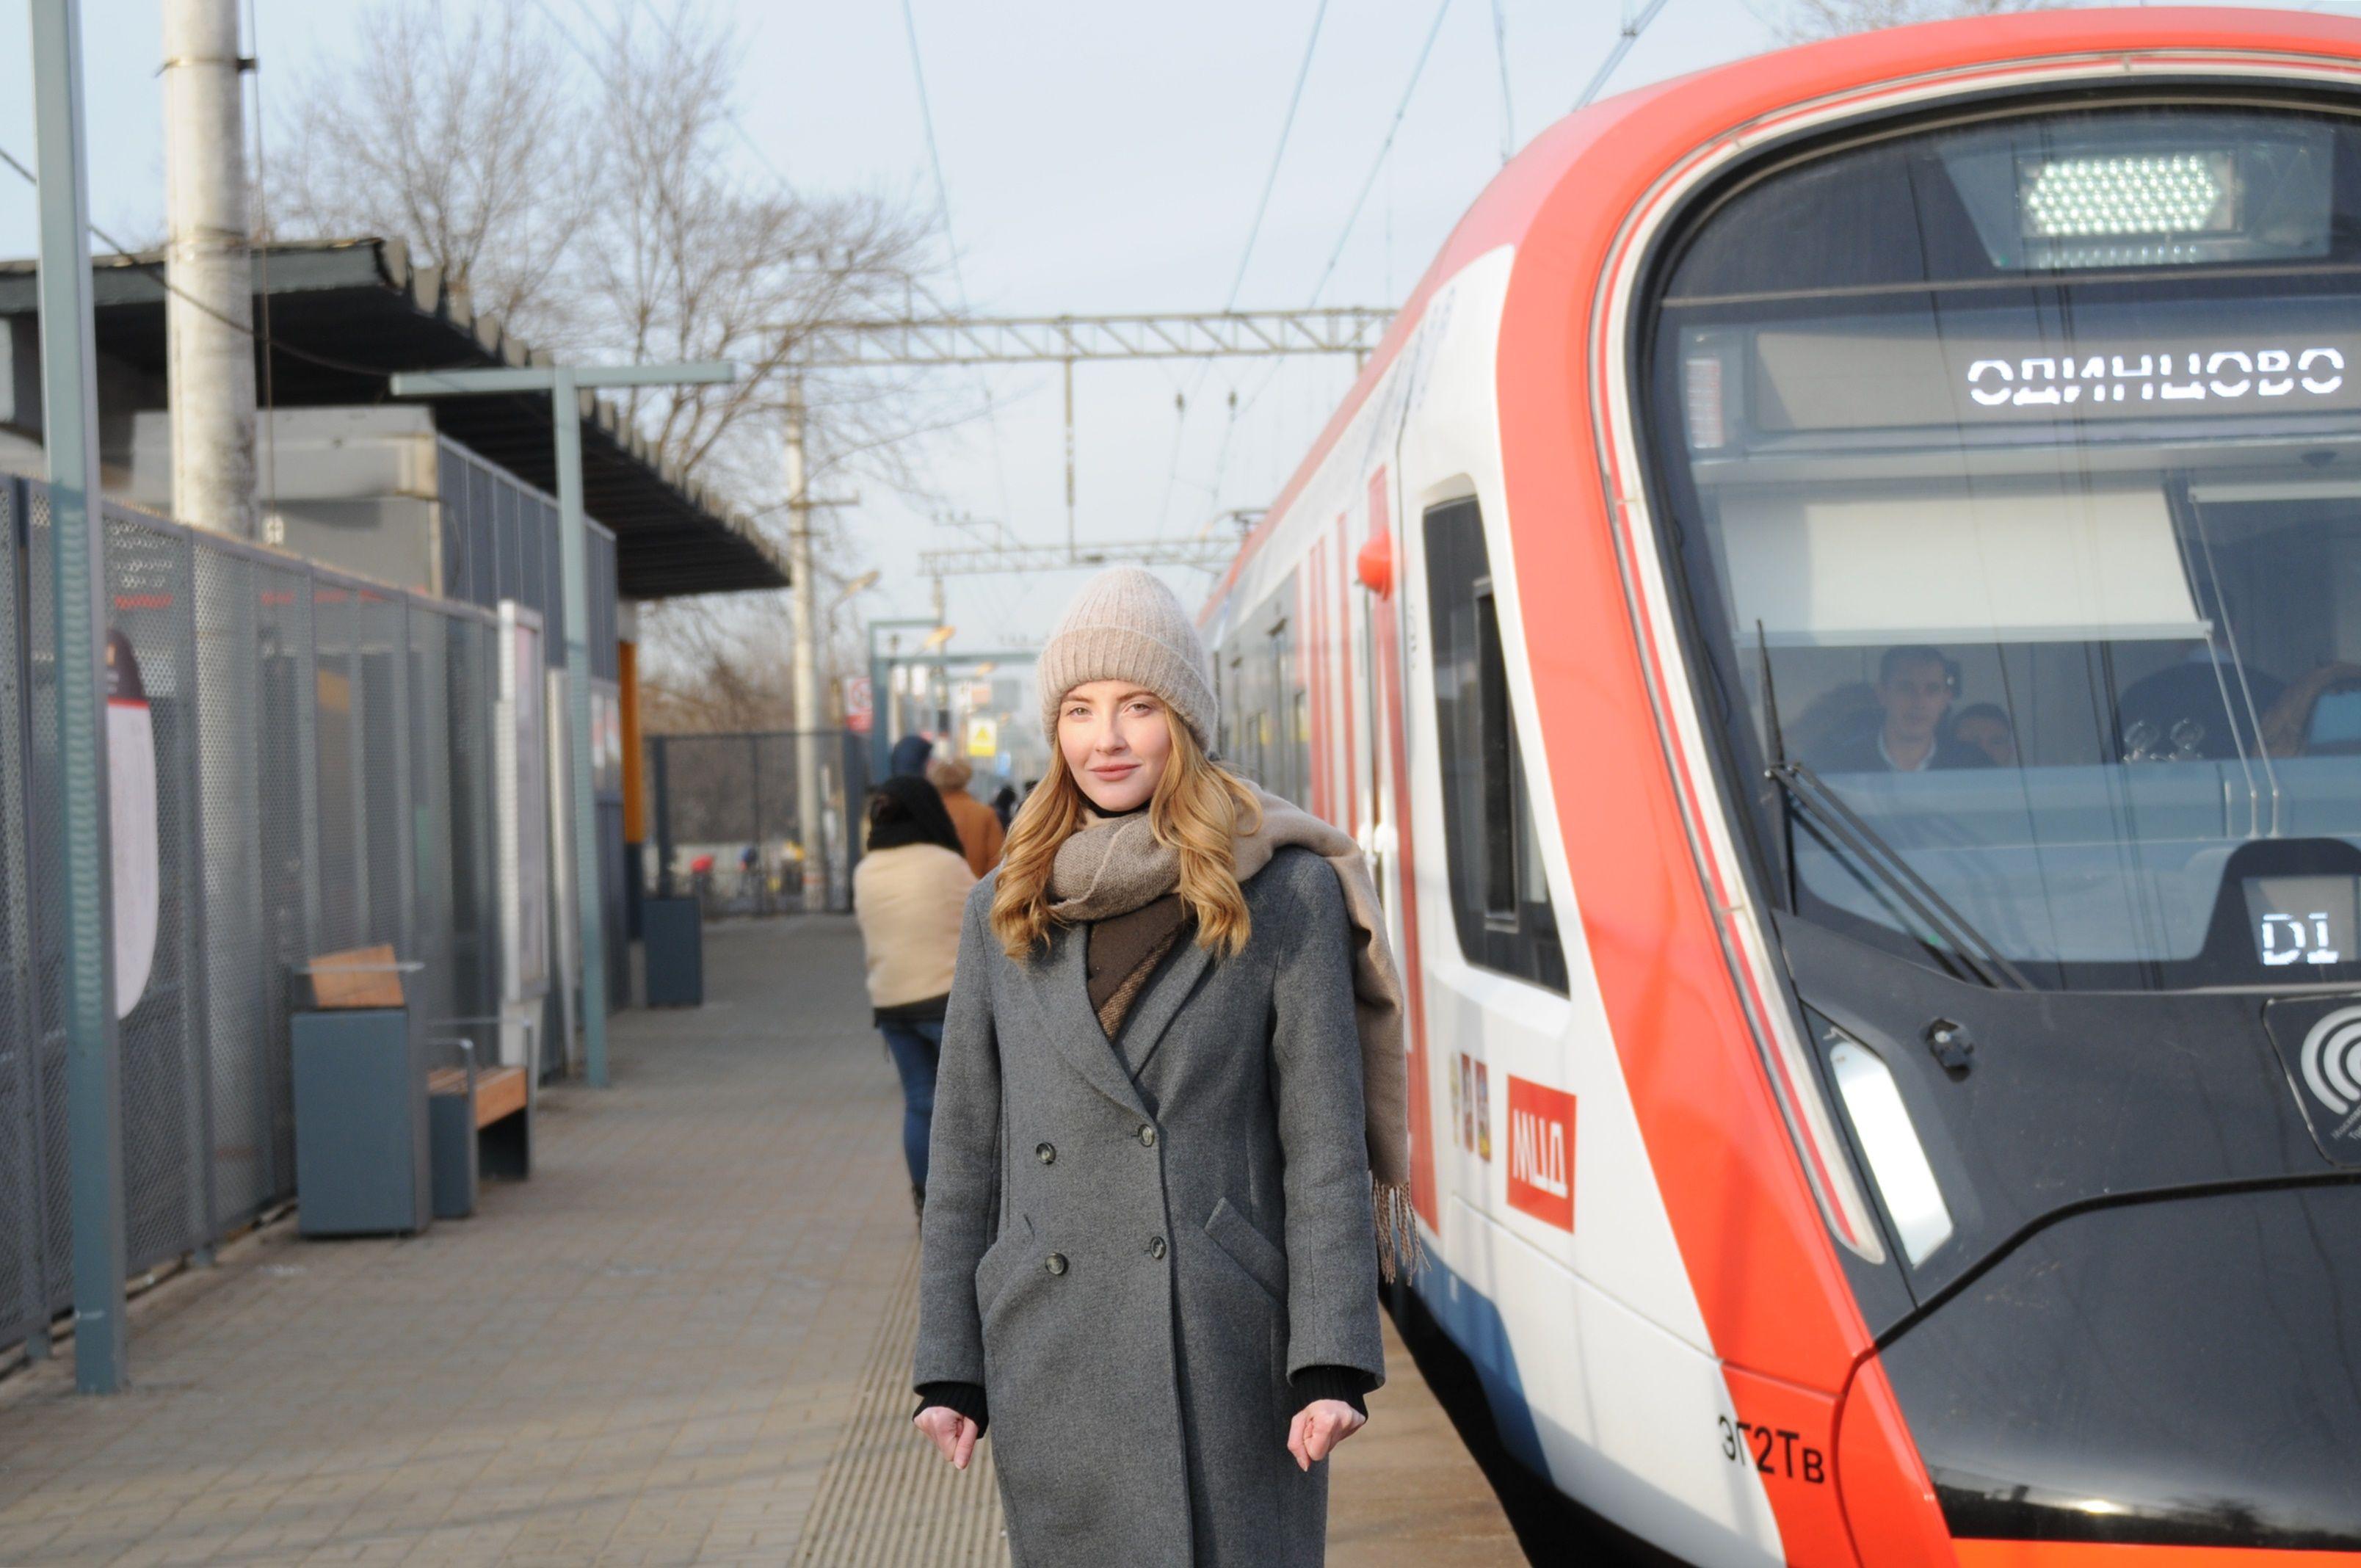 Станции Московских центральных диаметров дезинфицируют трижды в день